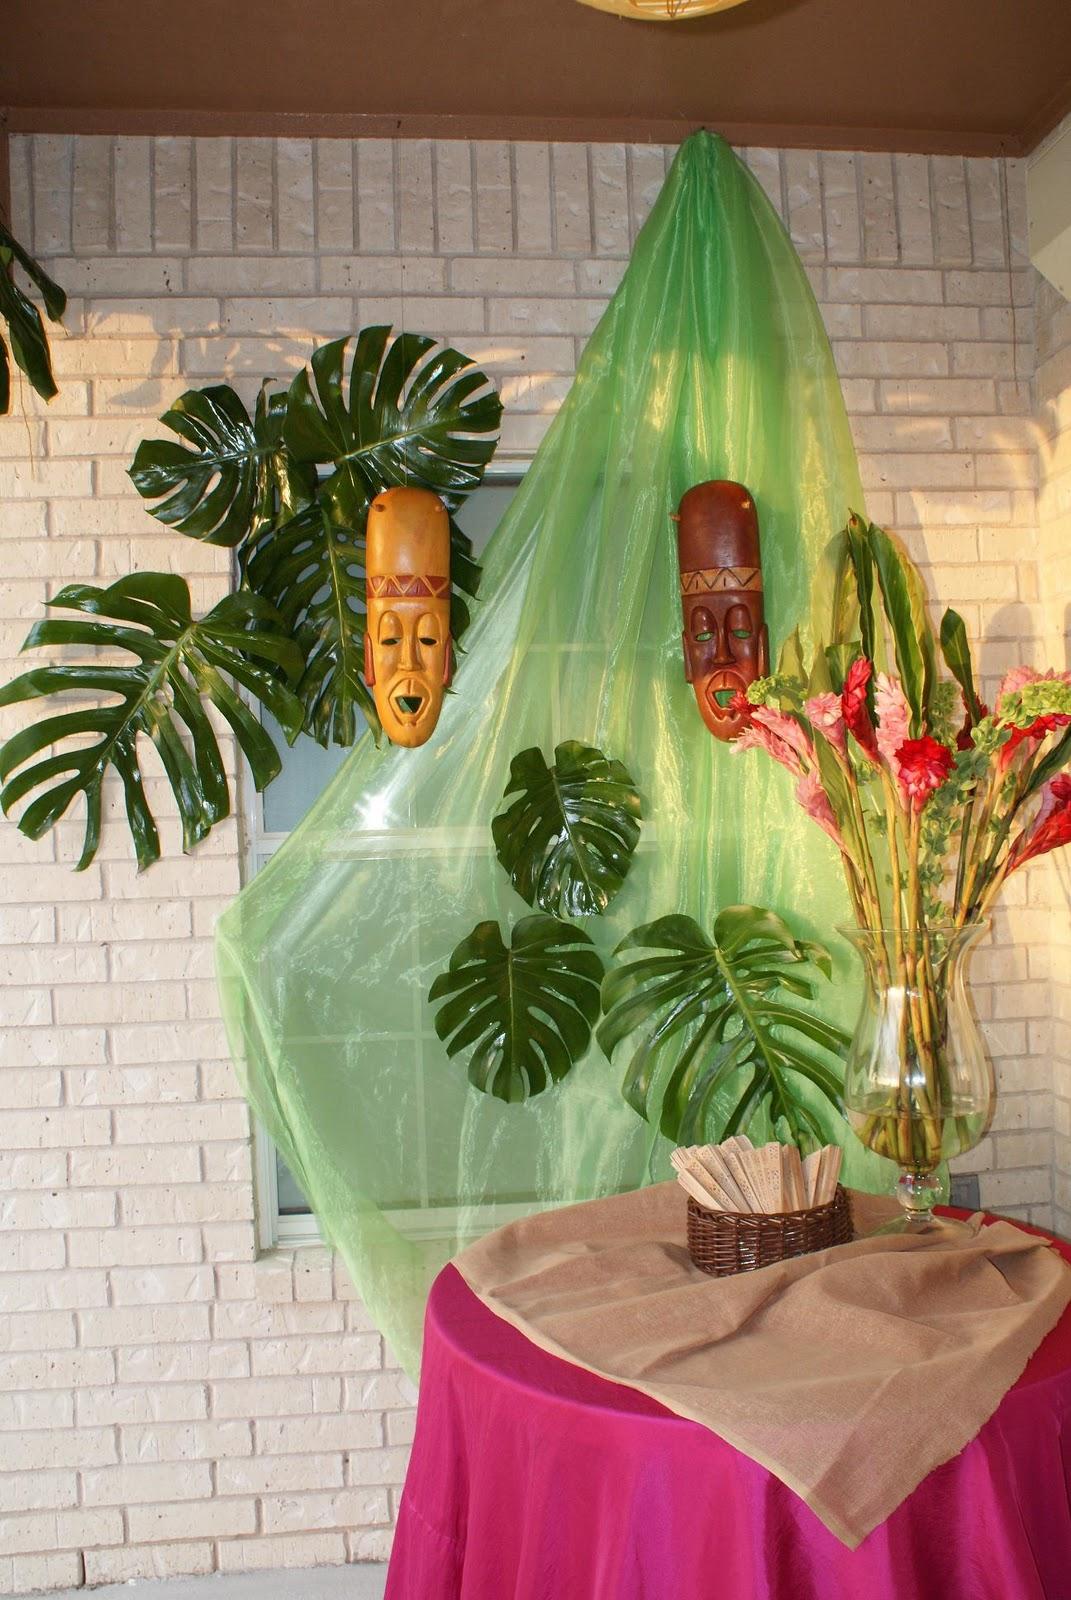 Decoracion Hawaiana Cumplea?os ~ Decoraciones Hawaianas De Fiesta En Pinterest Fiestas  apexwallpapers